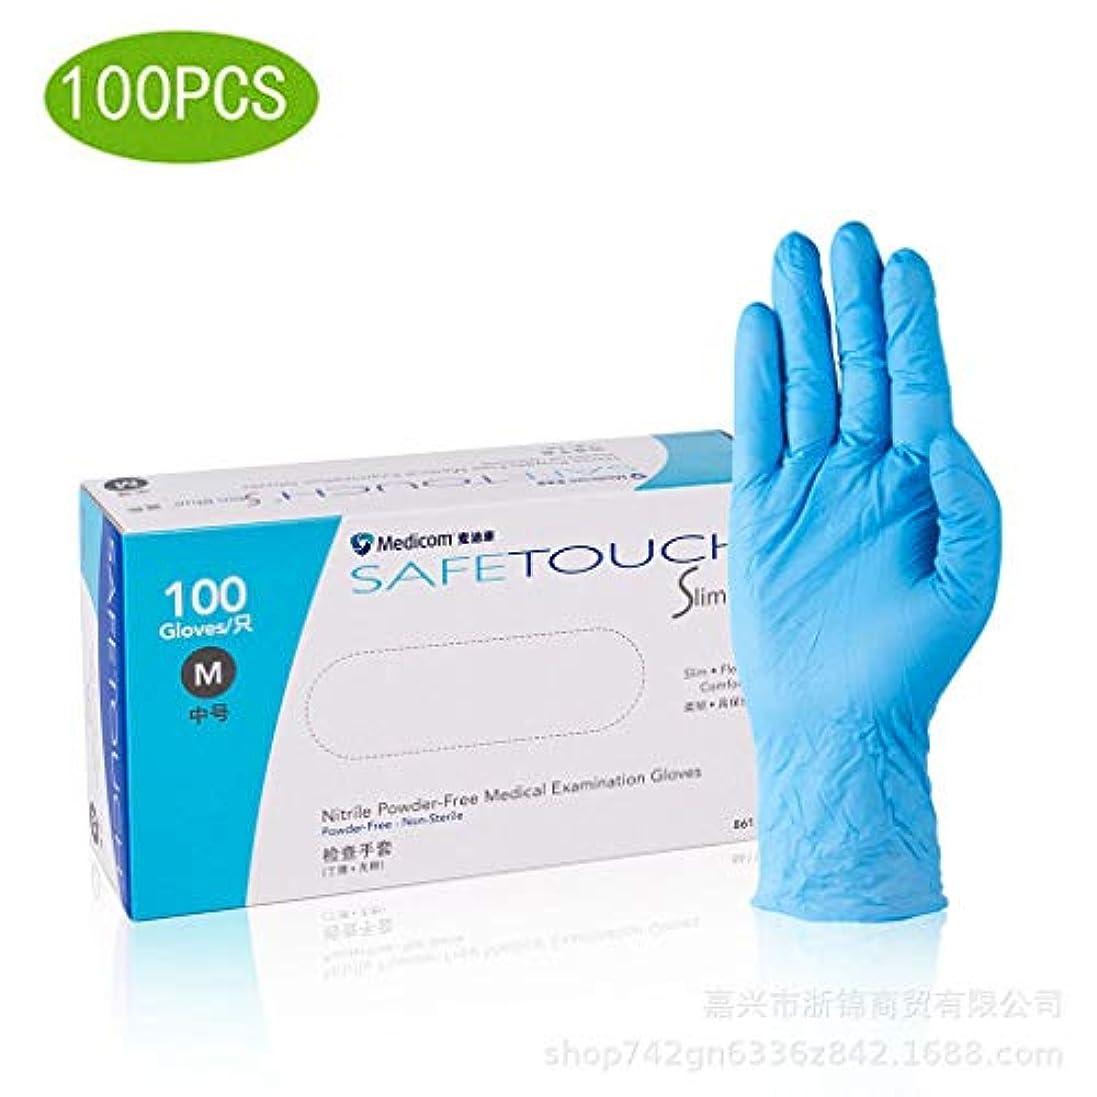 バイオリンメタリック粘着性9インチ使い捨てニトリル手袋ブルー労働保険工業用食品家事グレードゴム手袋デューティ検査用手袋|100の病院ボックスのプロフェッショナルグレード (Size : XS)